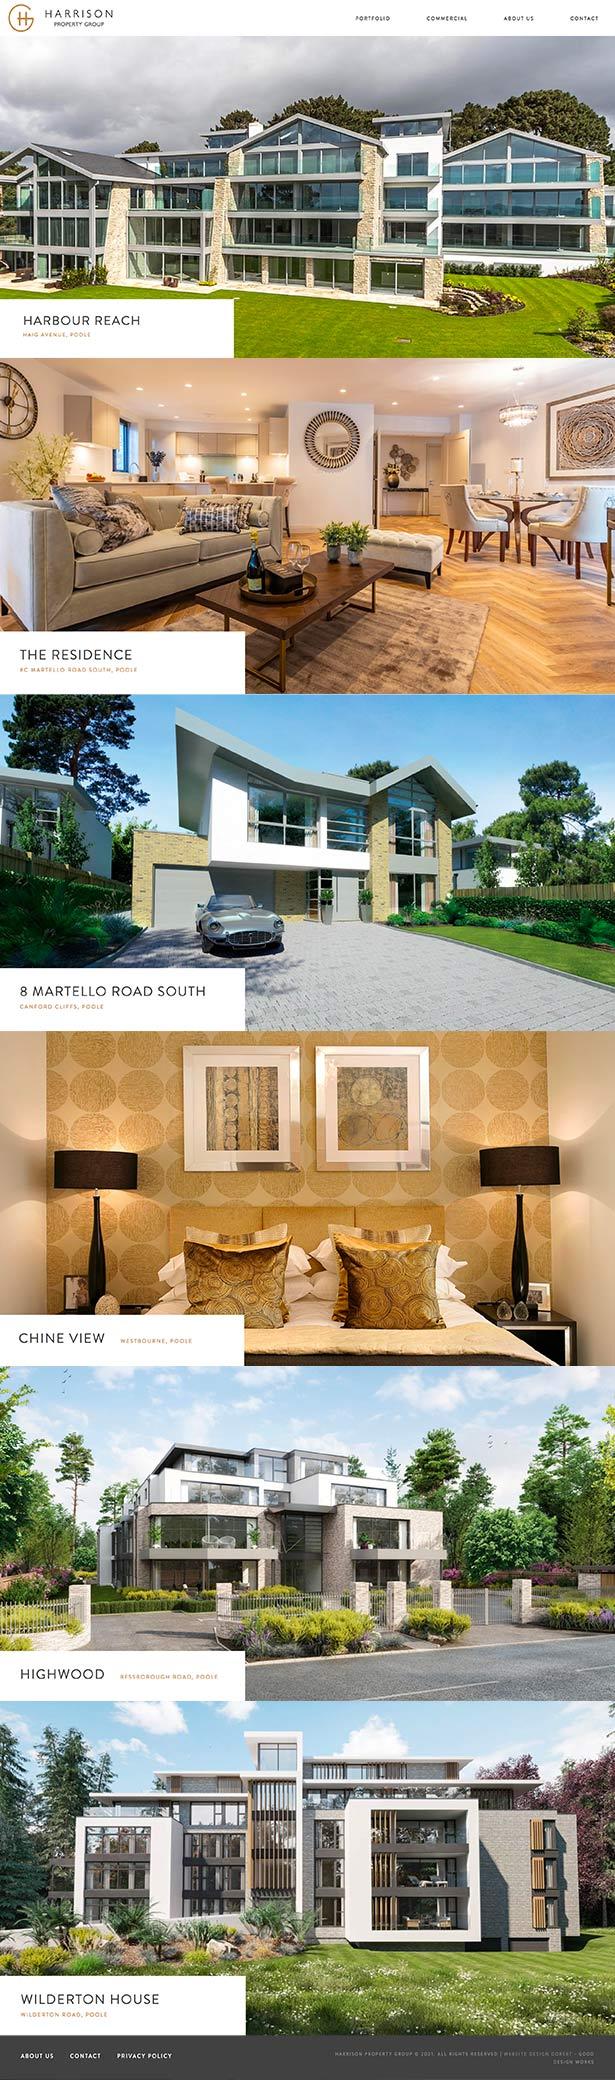 Harrison Property Website Design